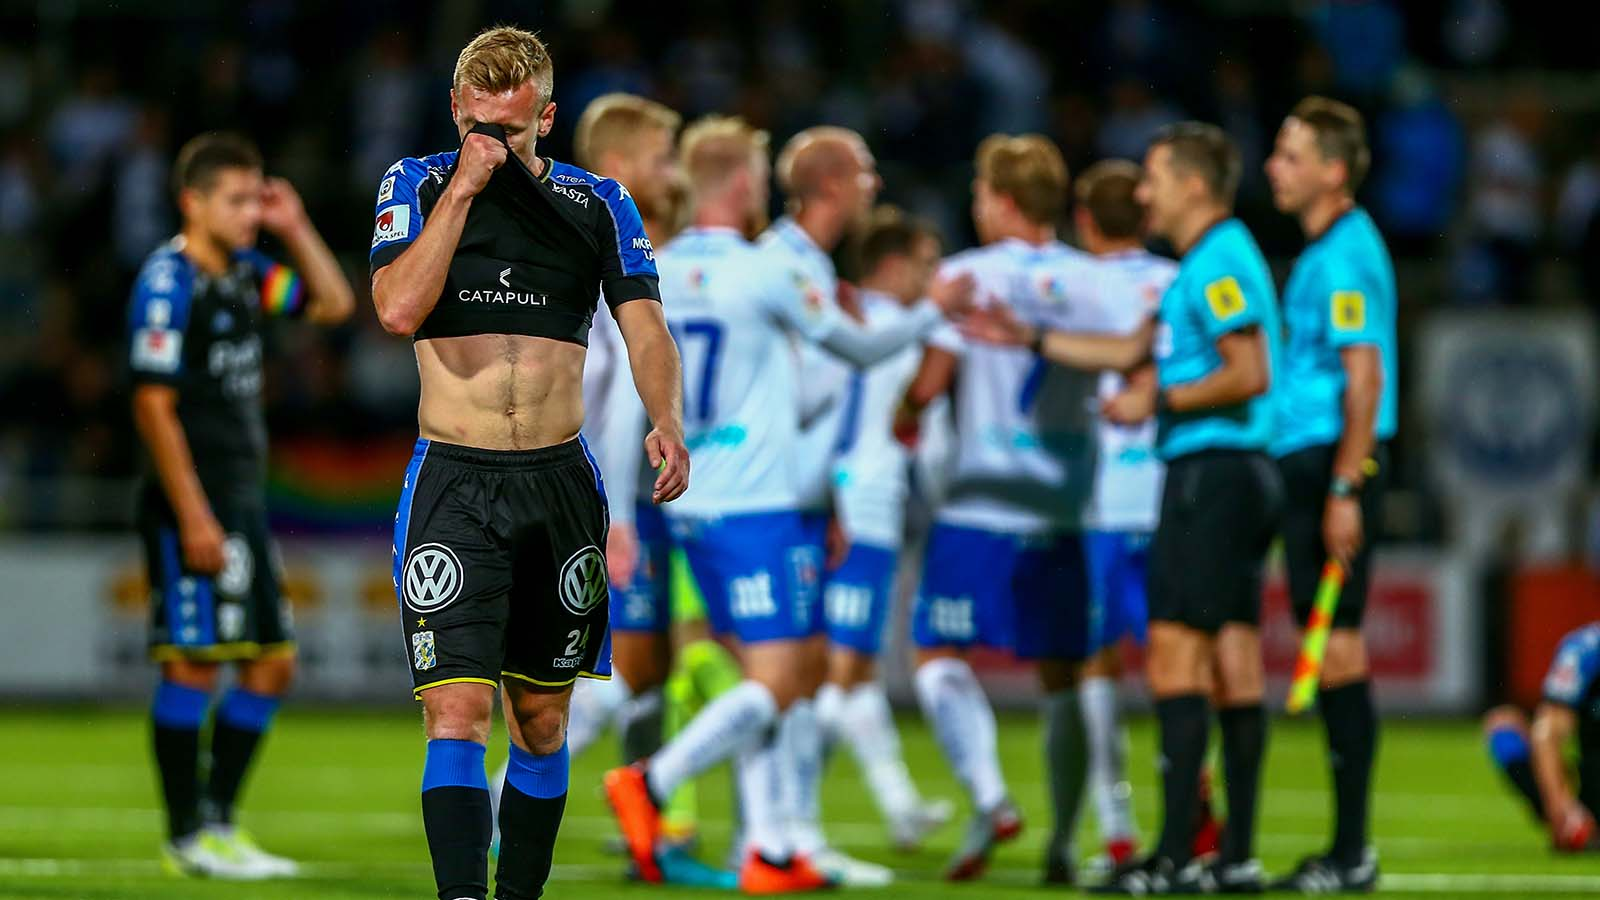 180827 IFK Göteborgs Sebastian Ohlsson deppar efter fotbollsmatchen i Allsvenskan mellan Norrköping och IFK Göteborg den 27 augusti 2018 i Norrköping. Foto: JOSEFINE LOFTENIUS / BILDBYRÅN / Cop 111